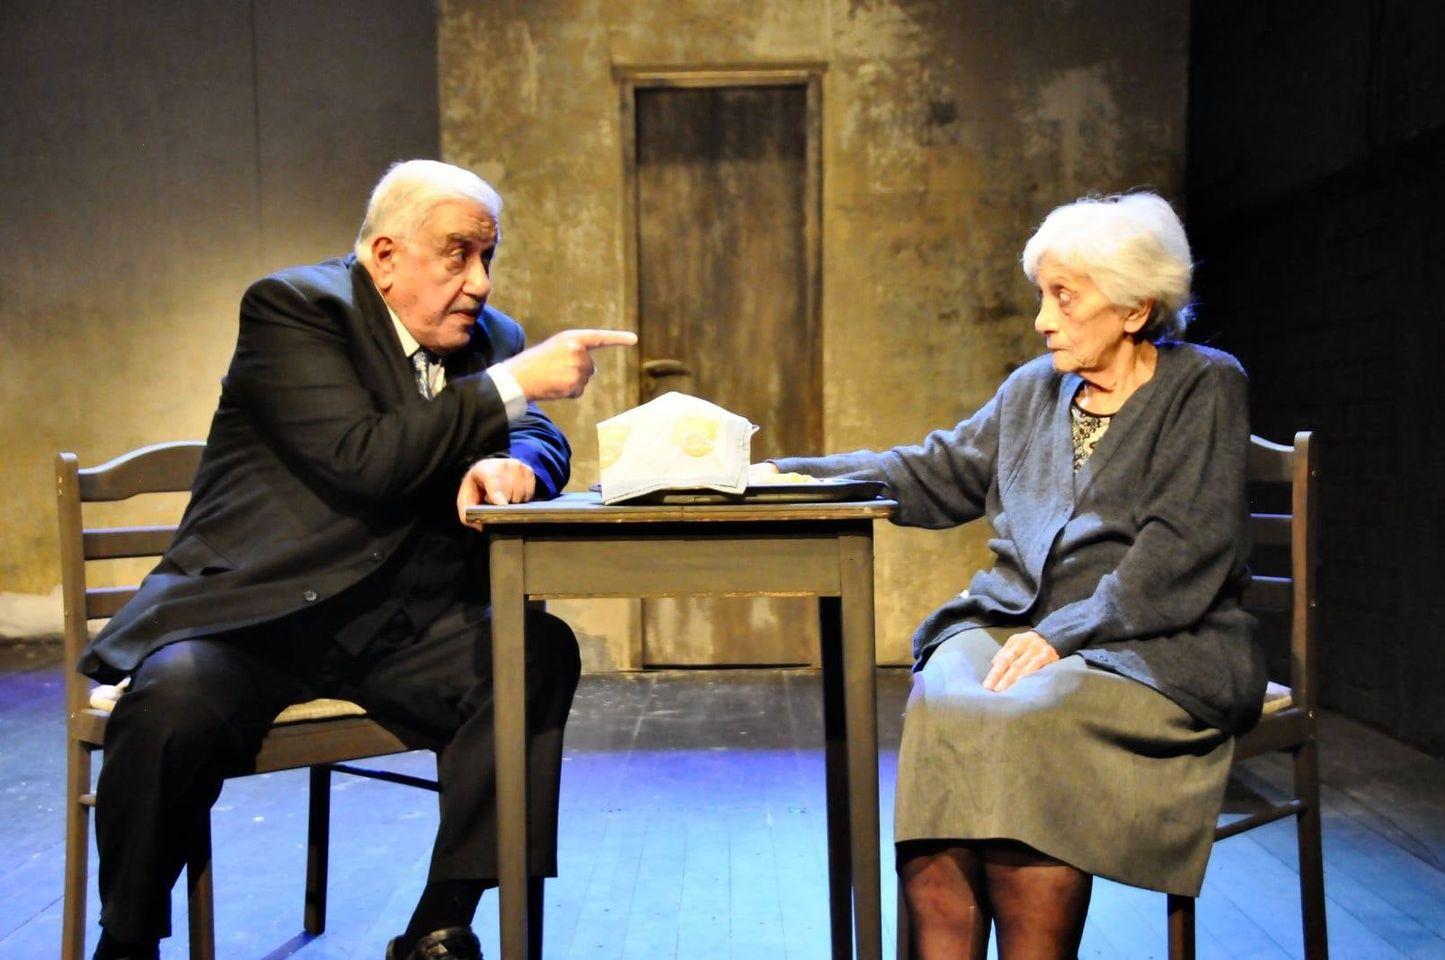 Η θεατρική παράσταση «Ποτέ πια!…Ώρα καλή!…» στη Λάρνακα σε σκηνοθεσία Δέσποινας Μπεμπεδέλη